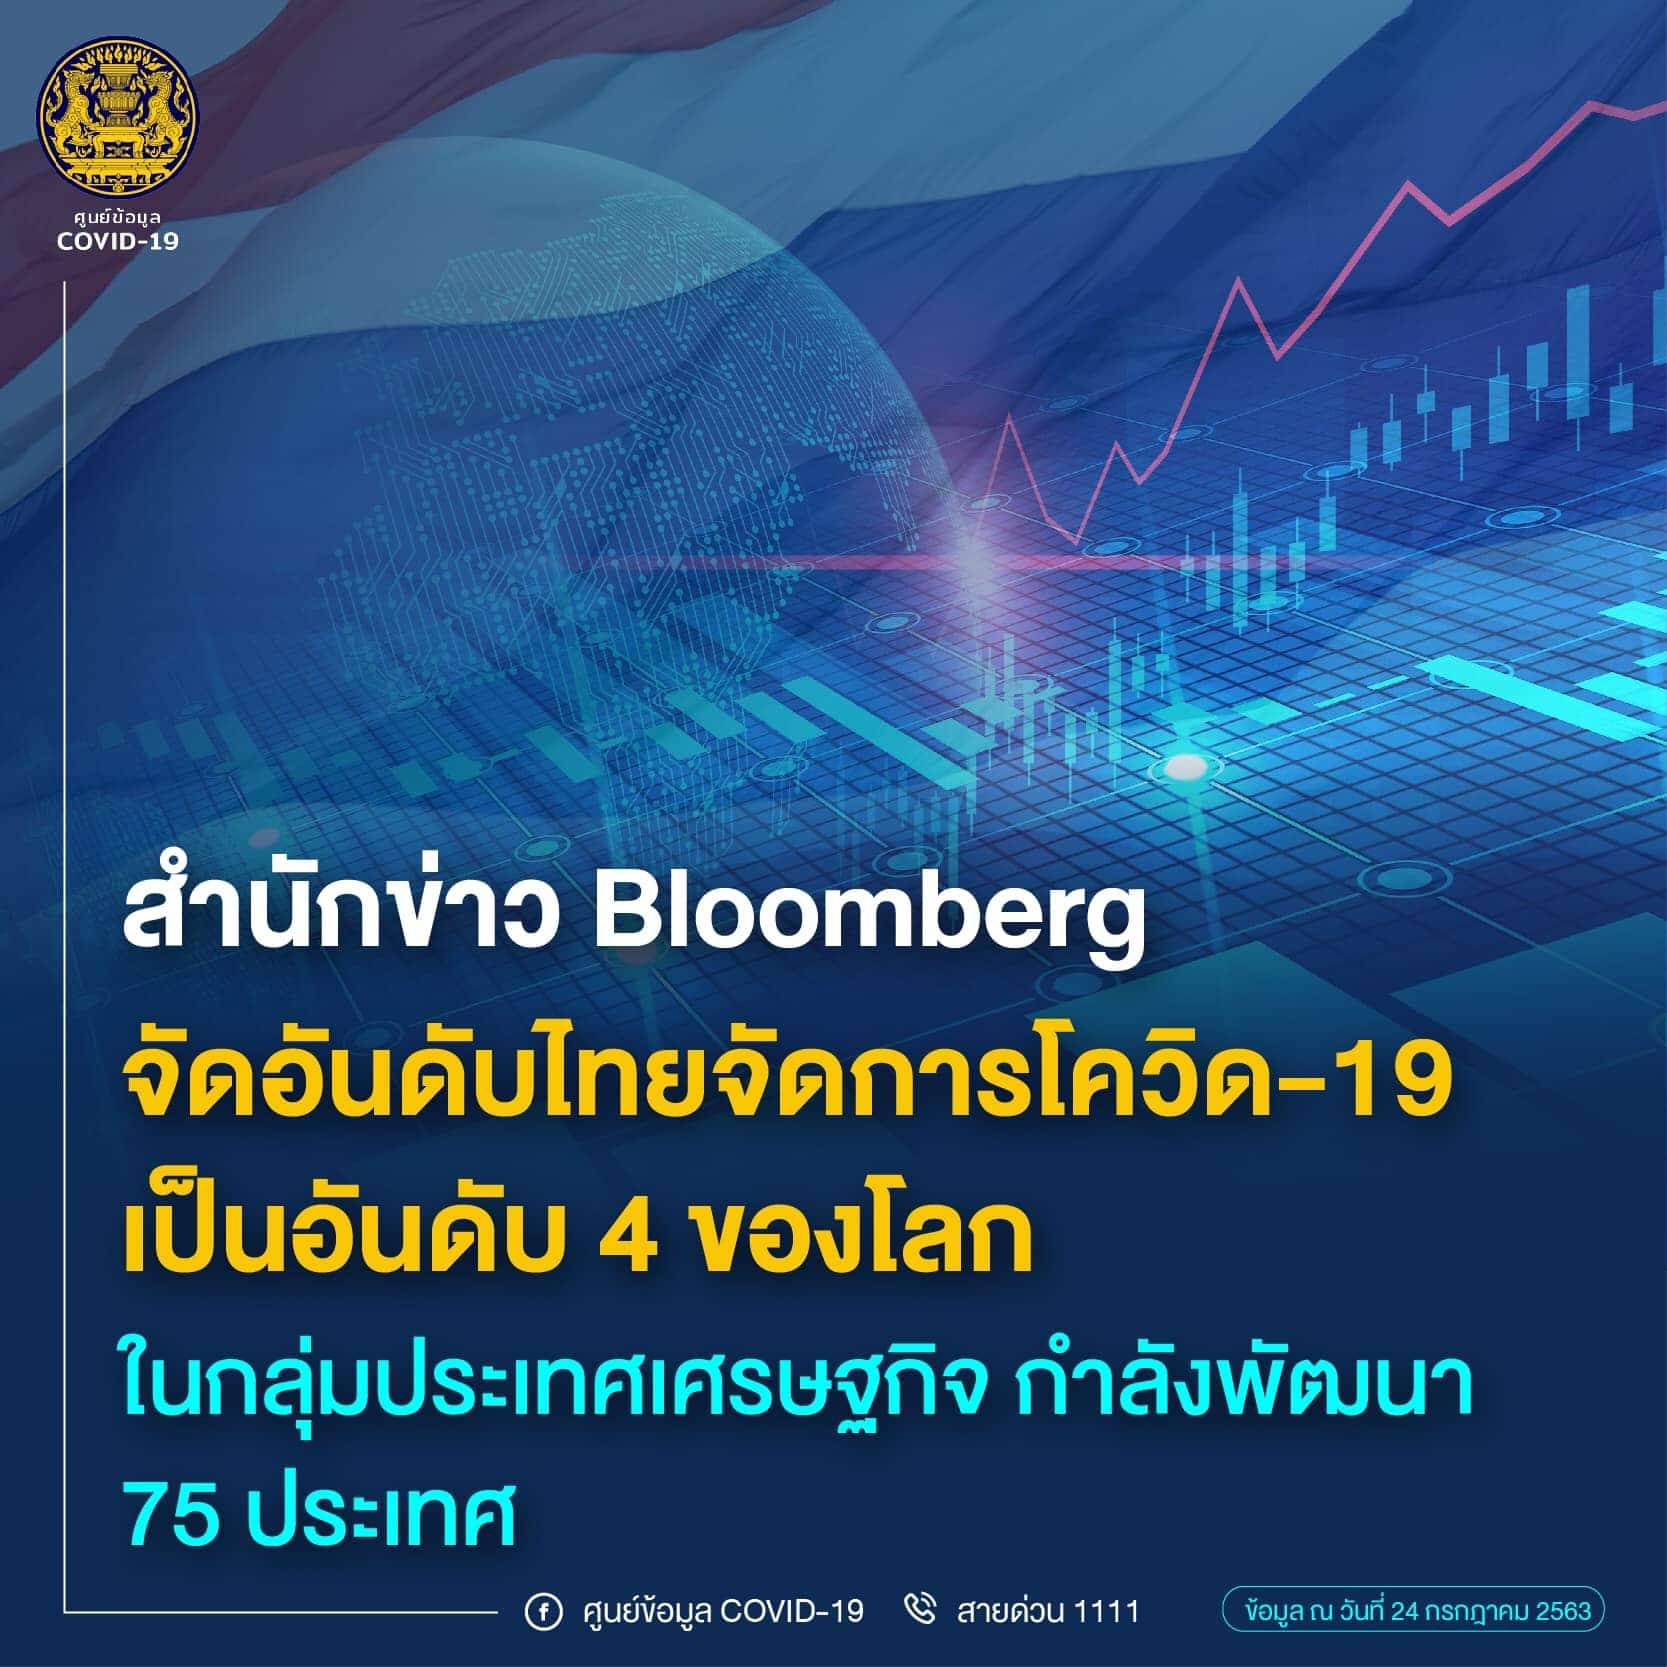 Bloomberg จัดอันดับให้ไทยจัดการโควิด-19 ได้ดีที่สุด เป็นอันดับ 4 ของโลก